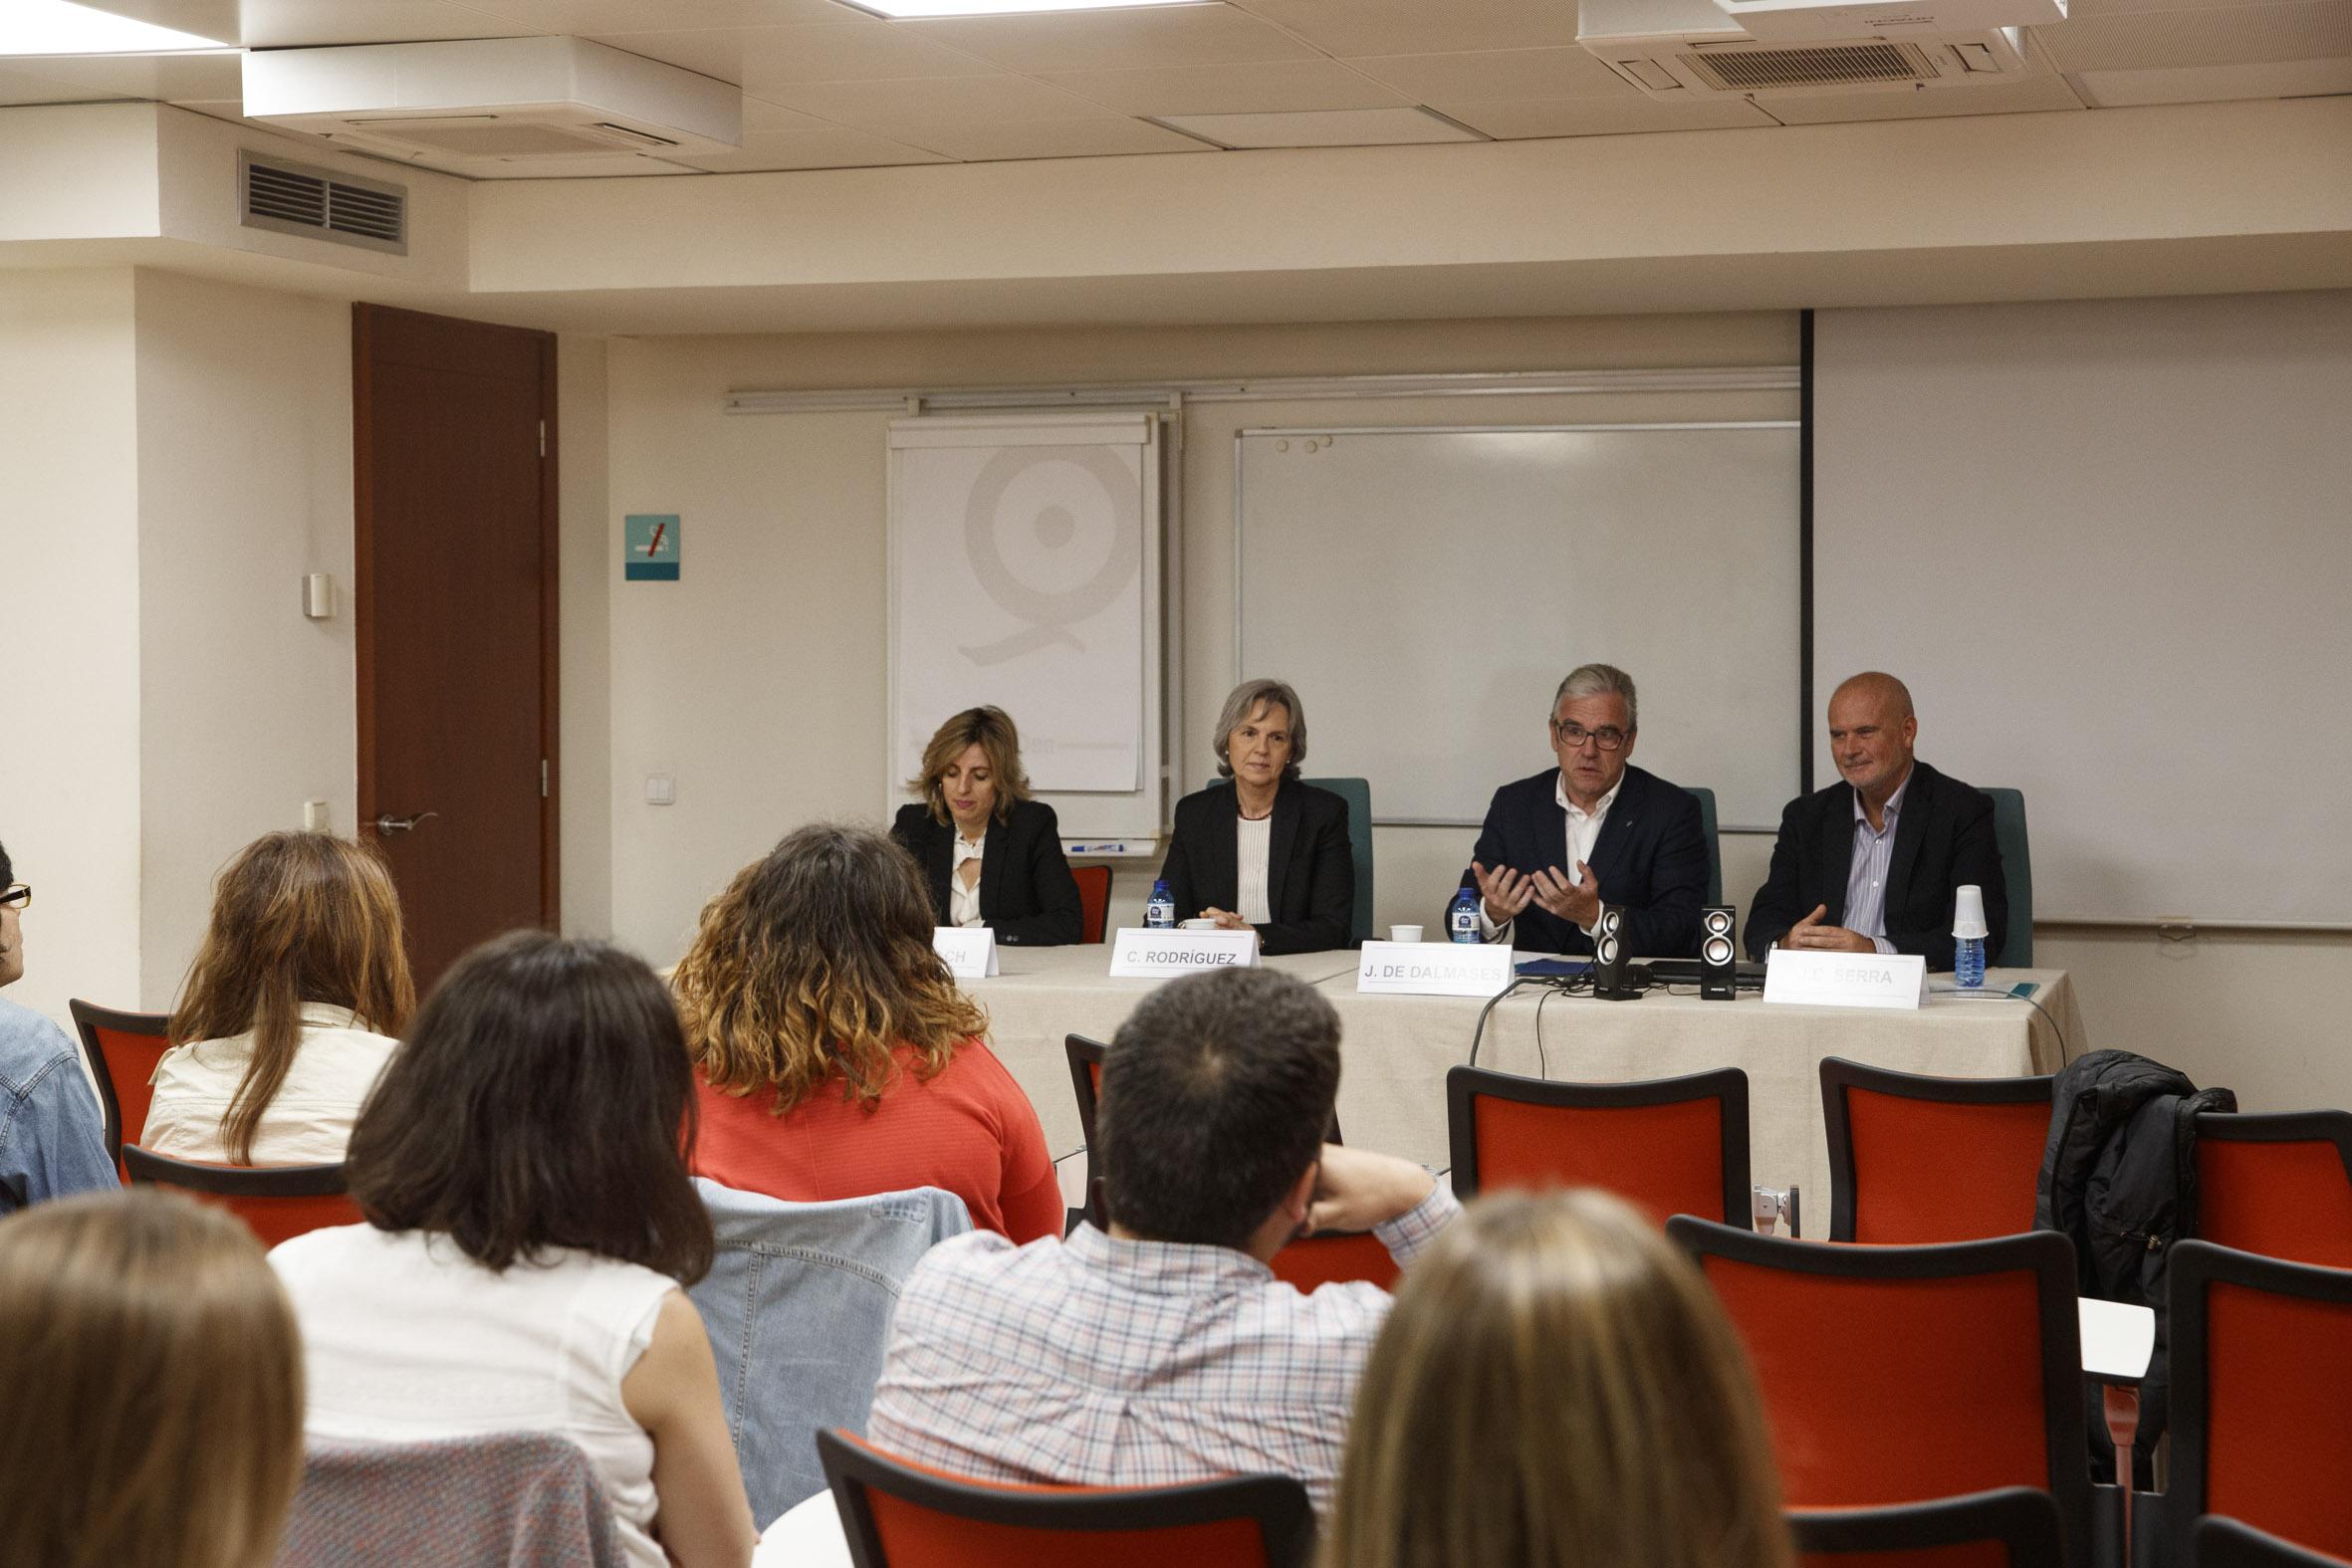 Jordi de Dalmases, presidente del COFB; Joan Carles Serra, director del Máster; y Cristina Rodríguez y Mònica Gallach, durante la clausura del máster